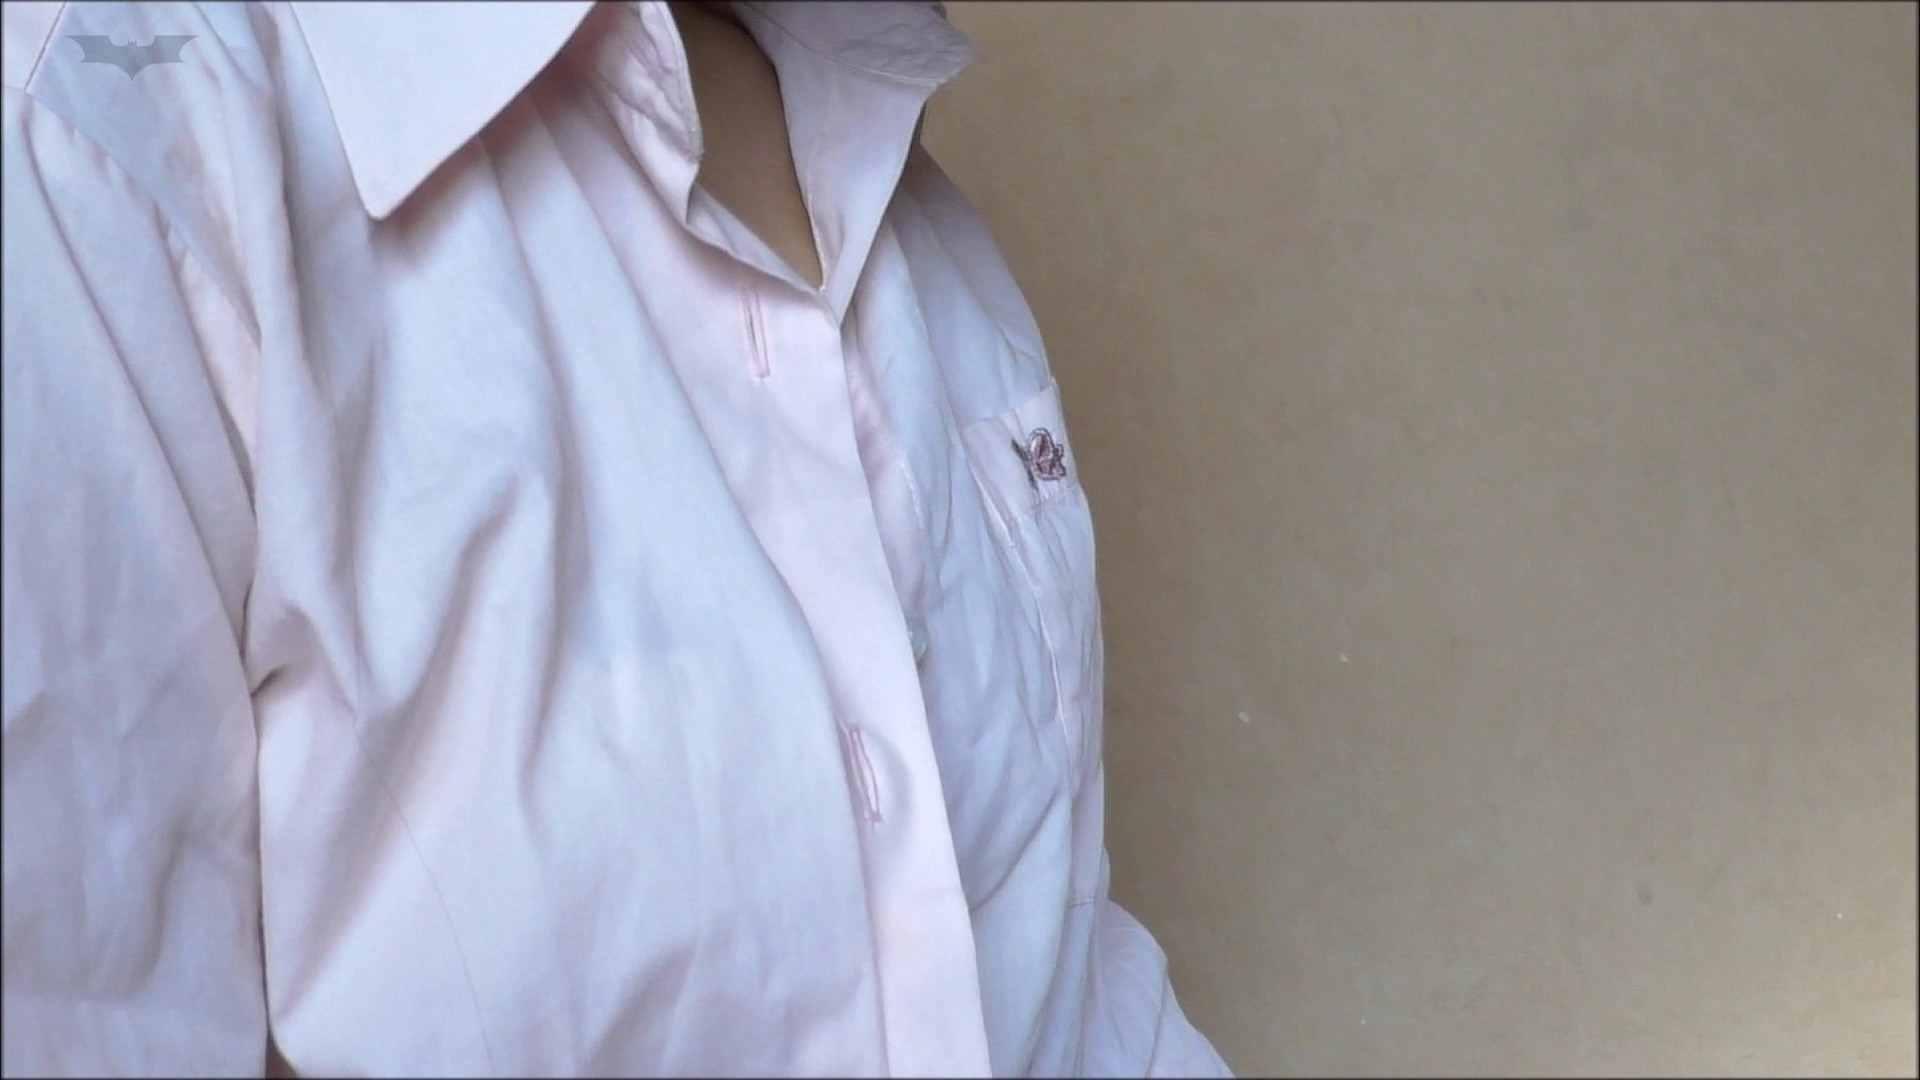 パンツを売る女 Vol.05 なんだかんだホテルに連れ込みバイブで。。。 パンツの中は。。 オマンコ動画キャプチャ 55PIX 18